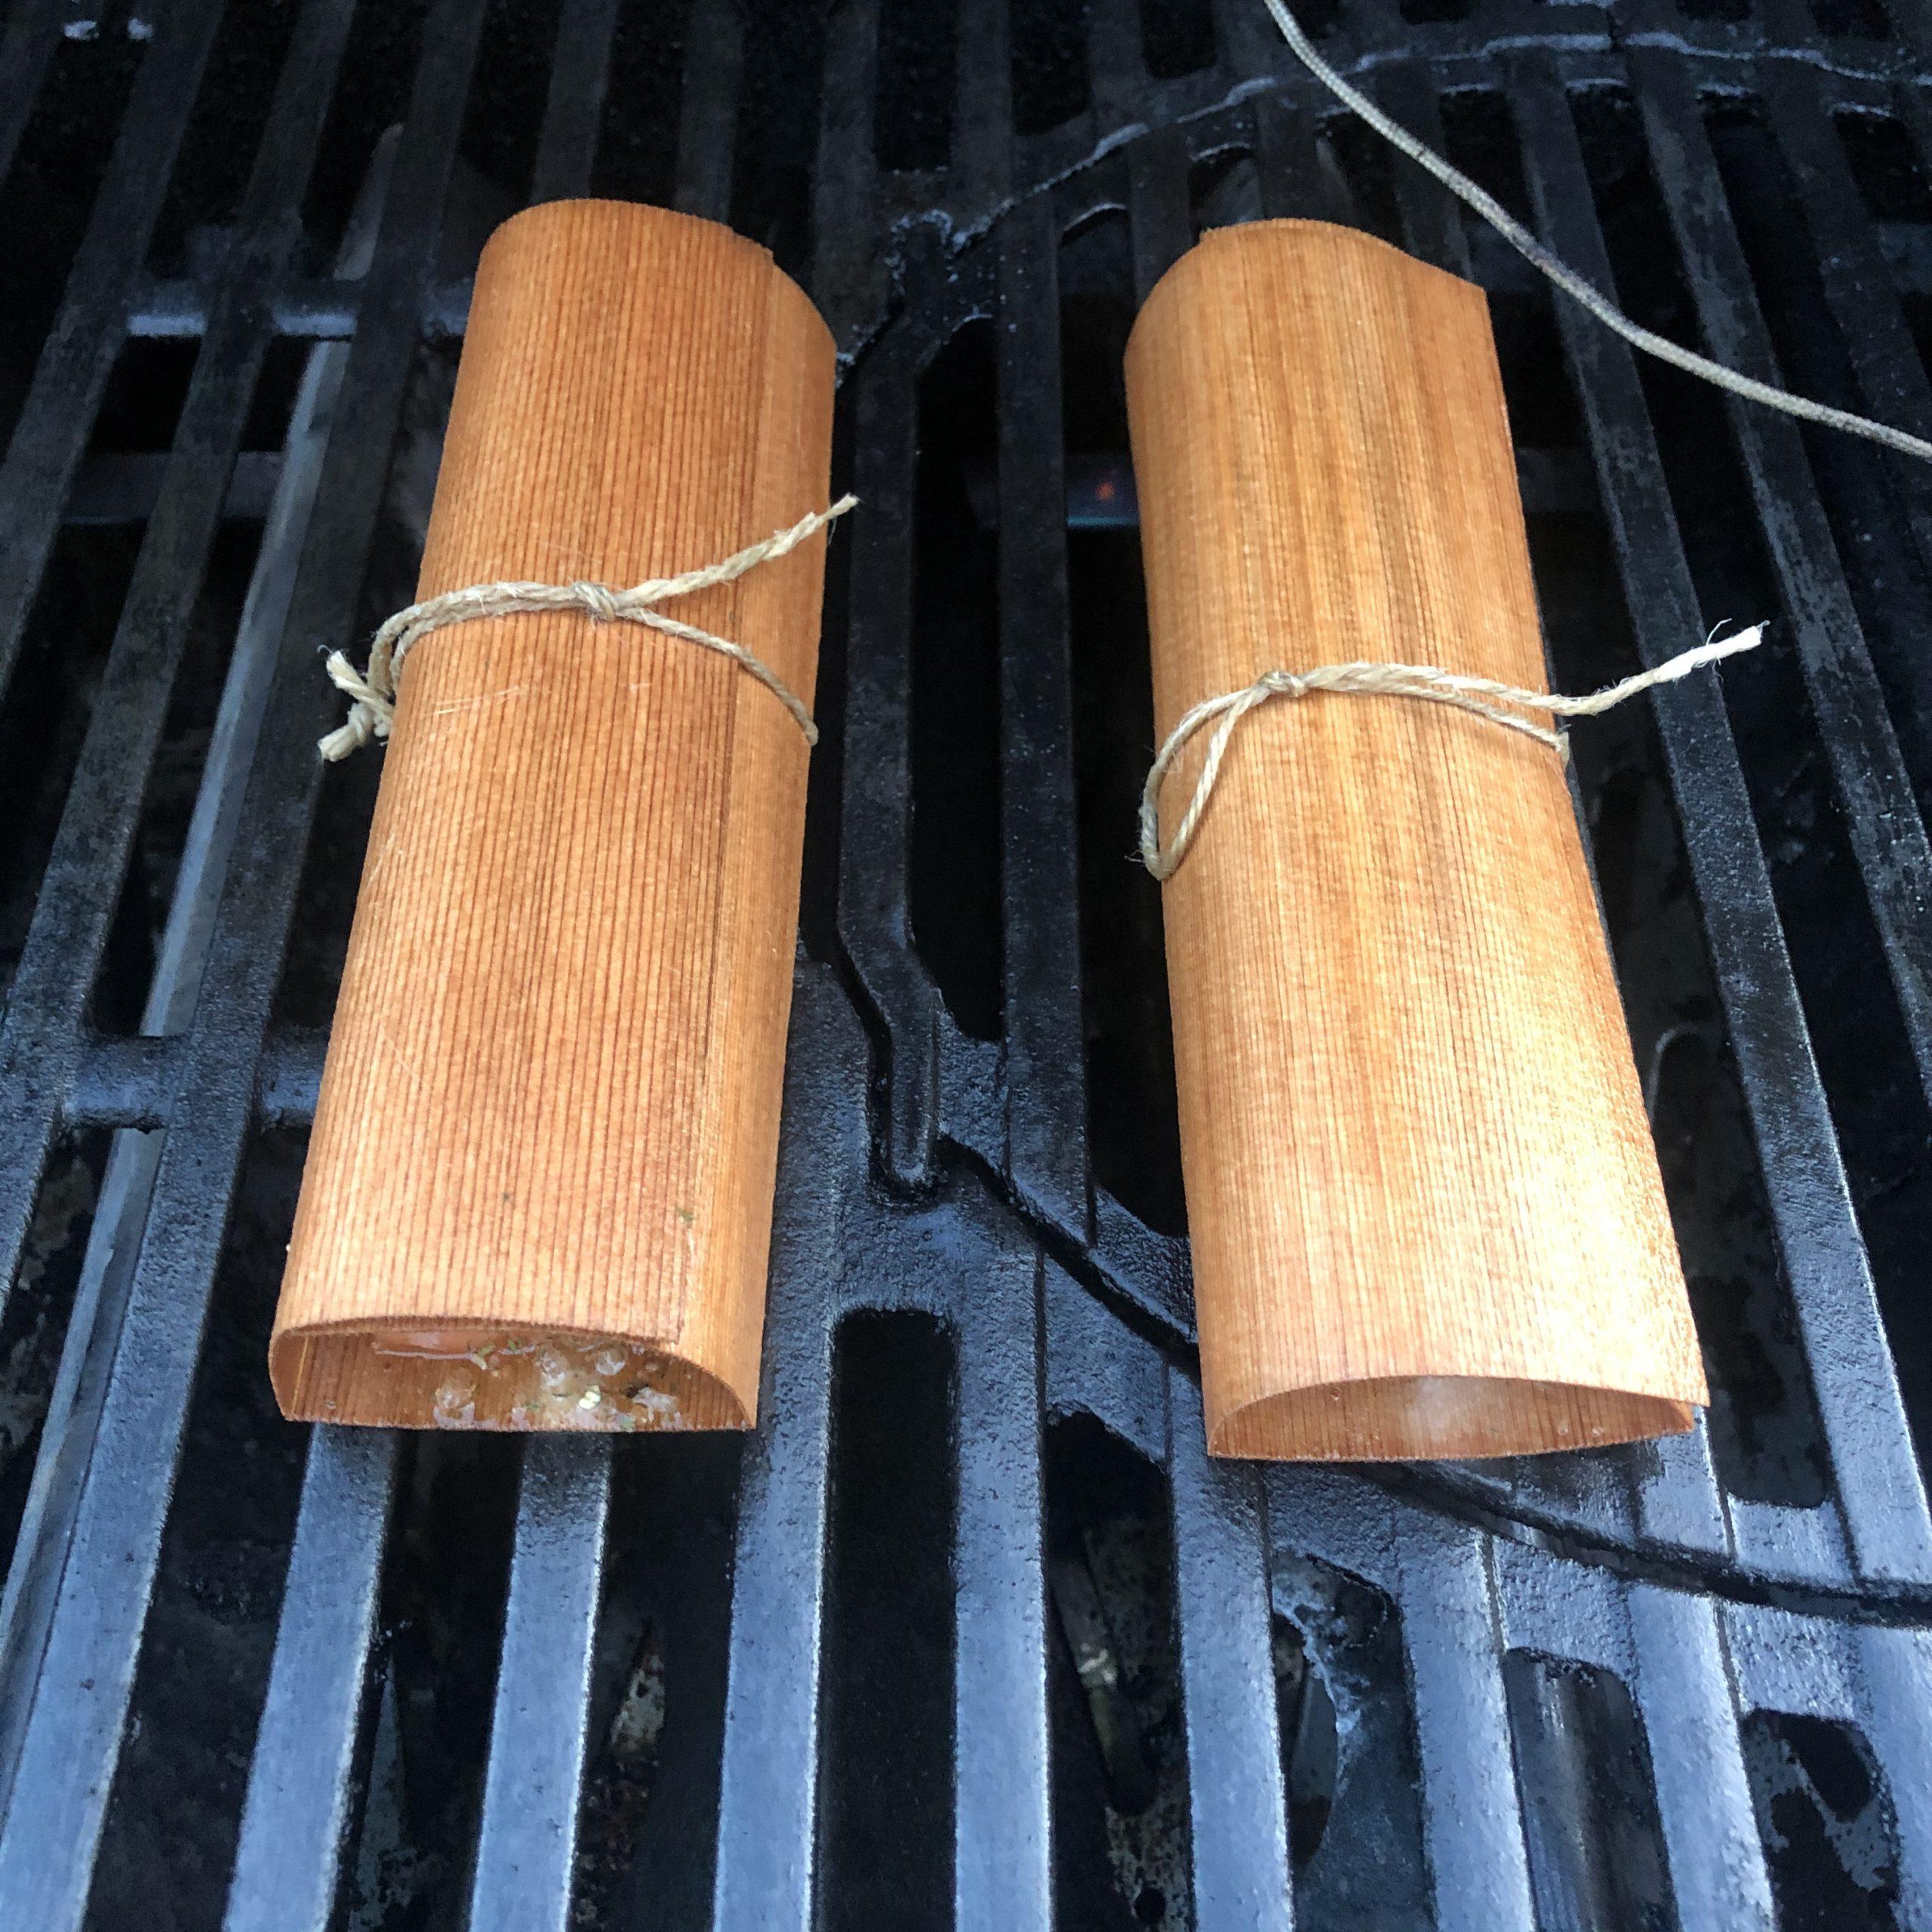 Lachsfilet in Wood Wraps aus Zedernholz auf Grill